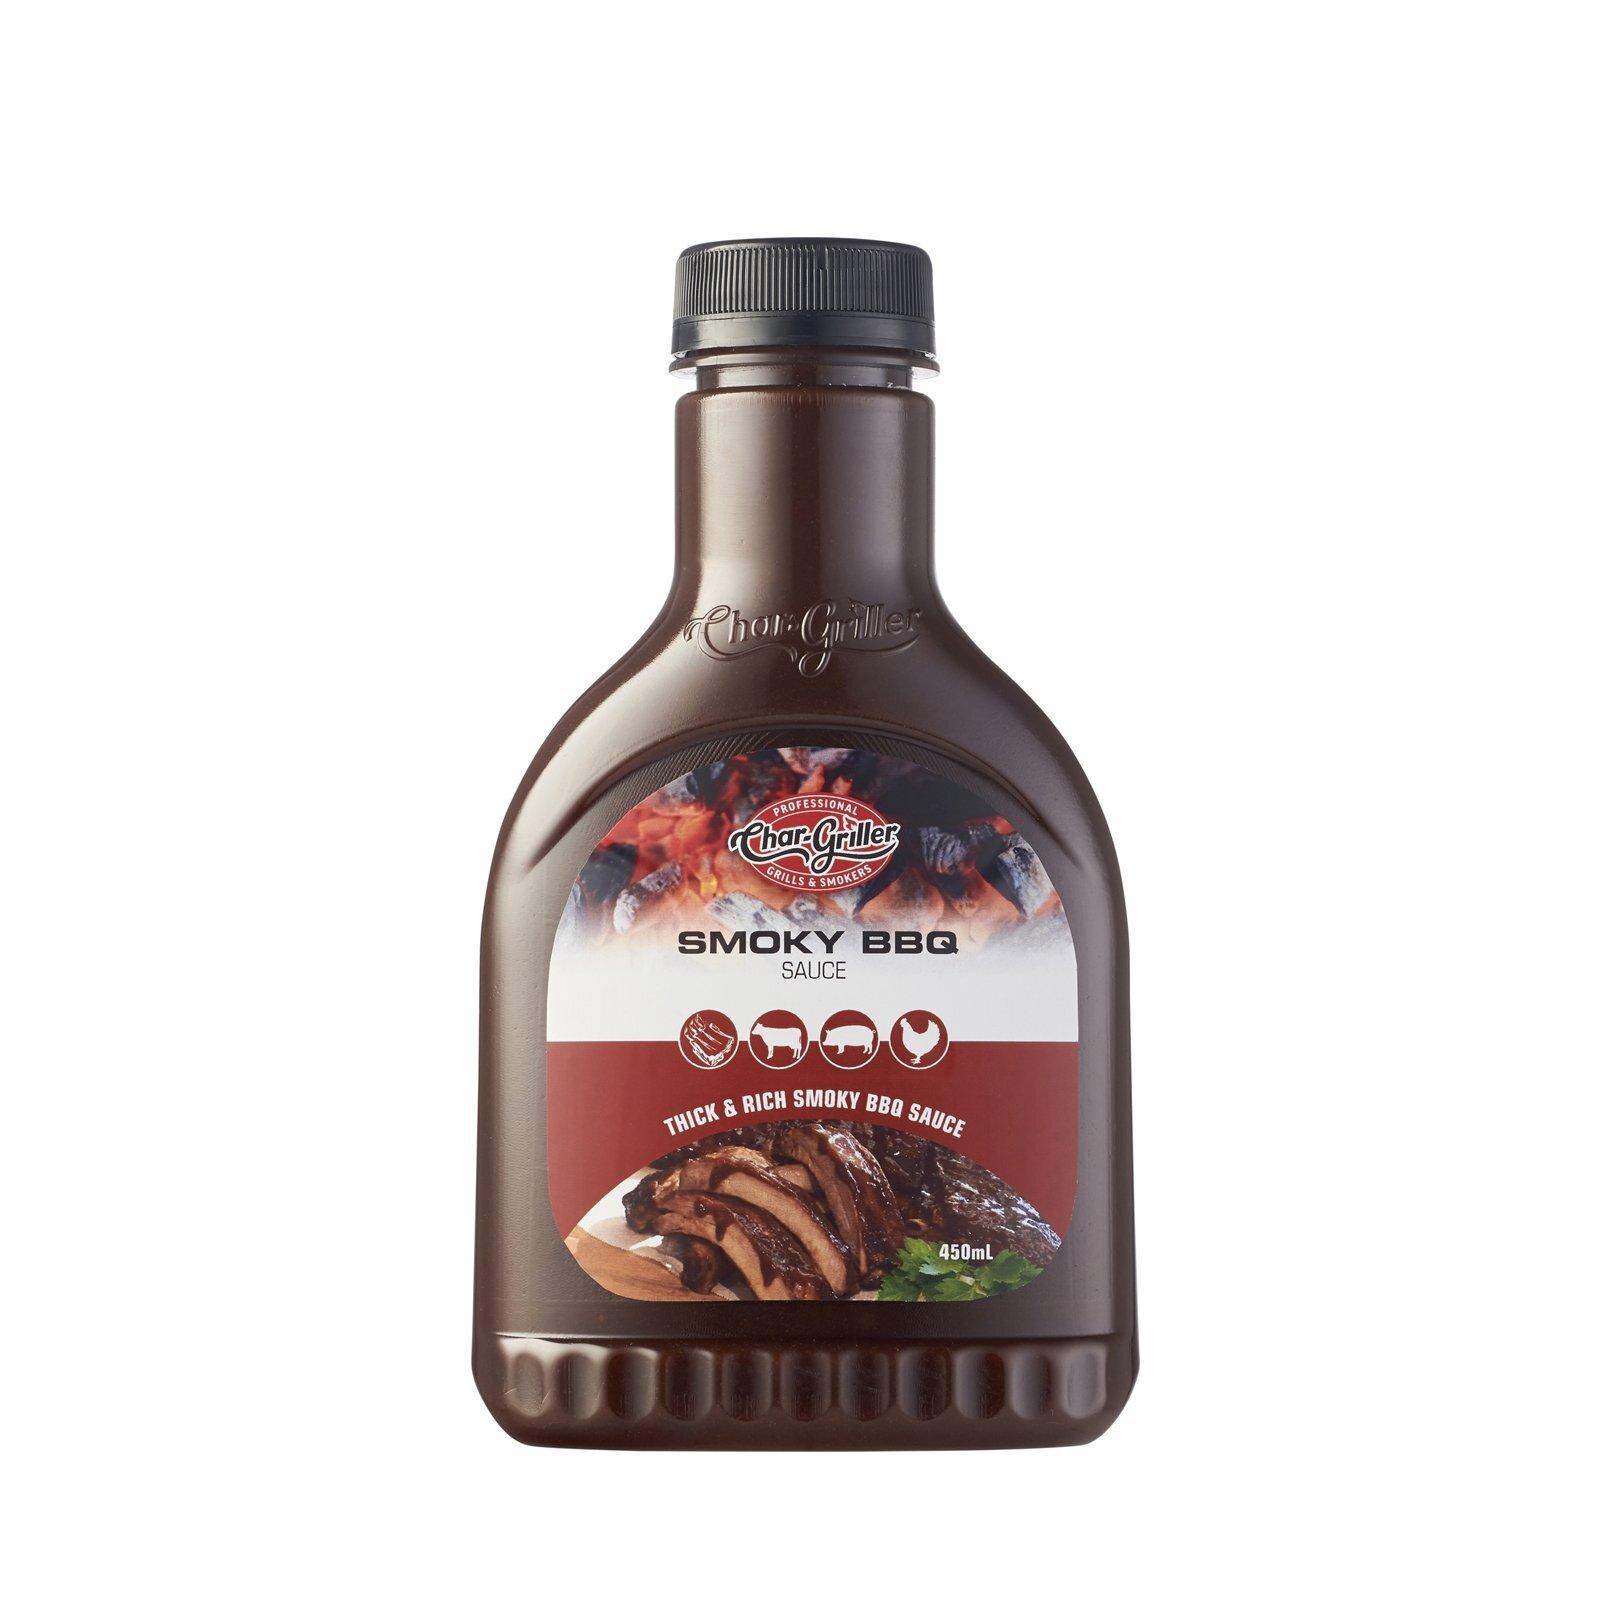 Char-Griller 450ml BBQ Sauce